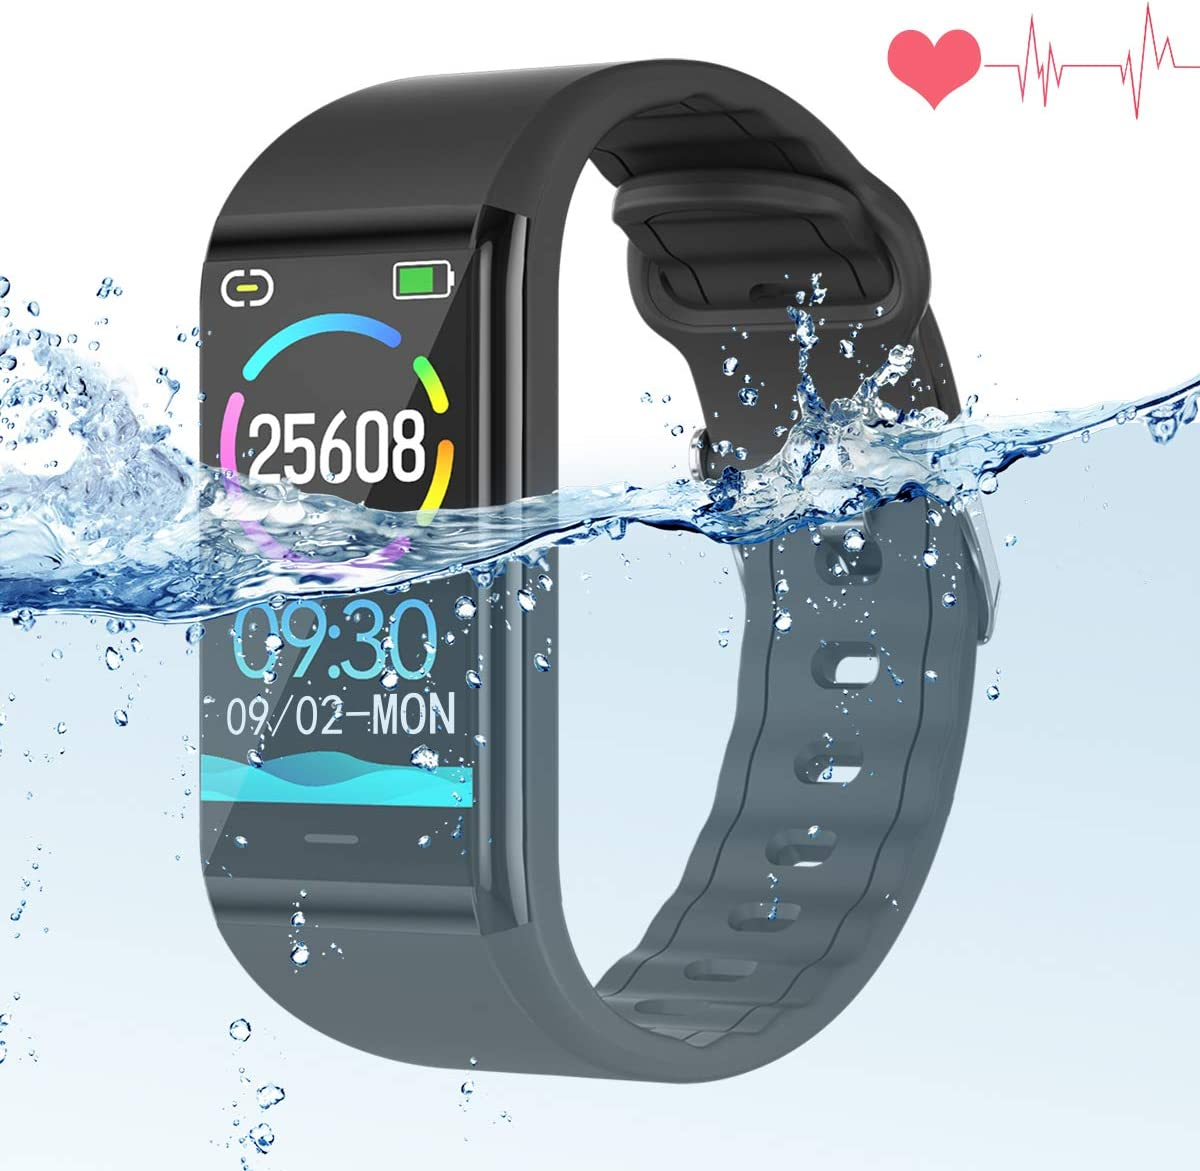 Pulsera de Actividad Inteligente,Impermeable IP68 Reloj Inteligente con Pulsómetro y Tensiómetro para Android iOS Xiaomi Huawei iPhone